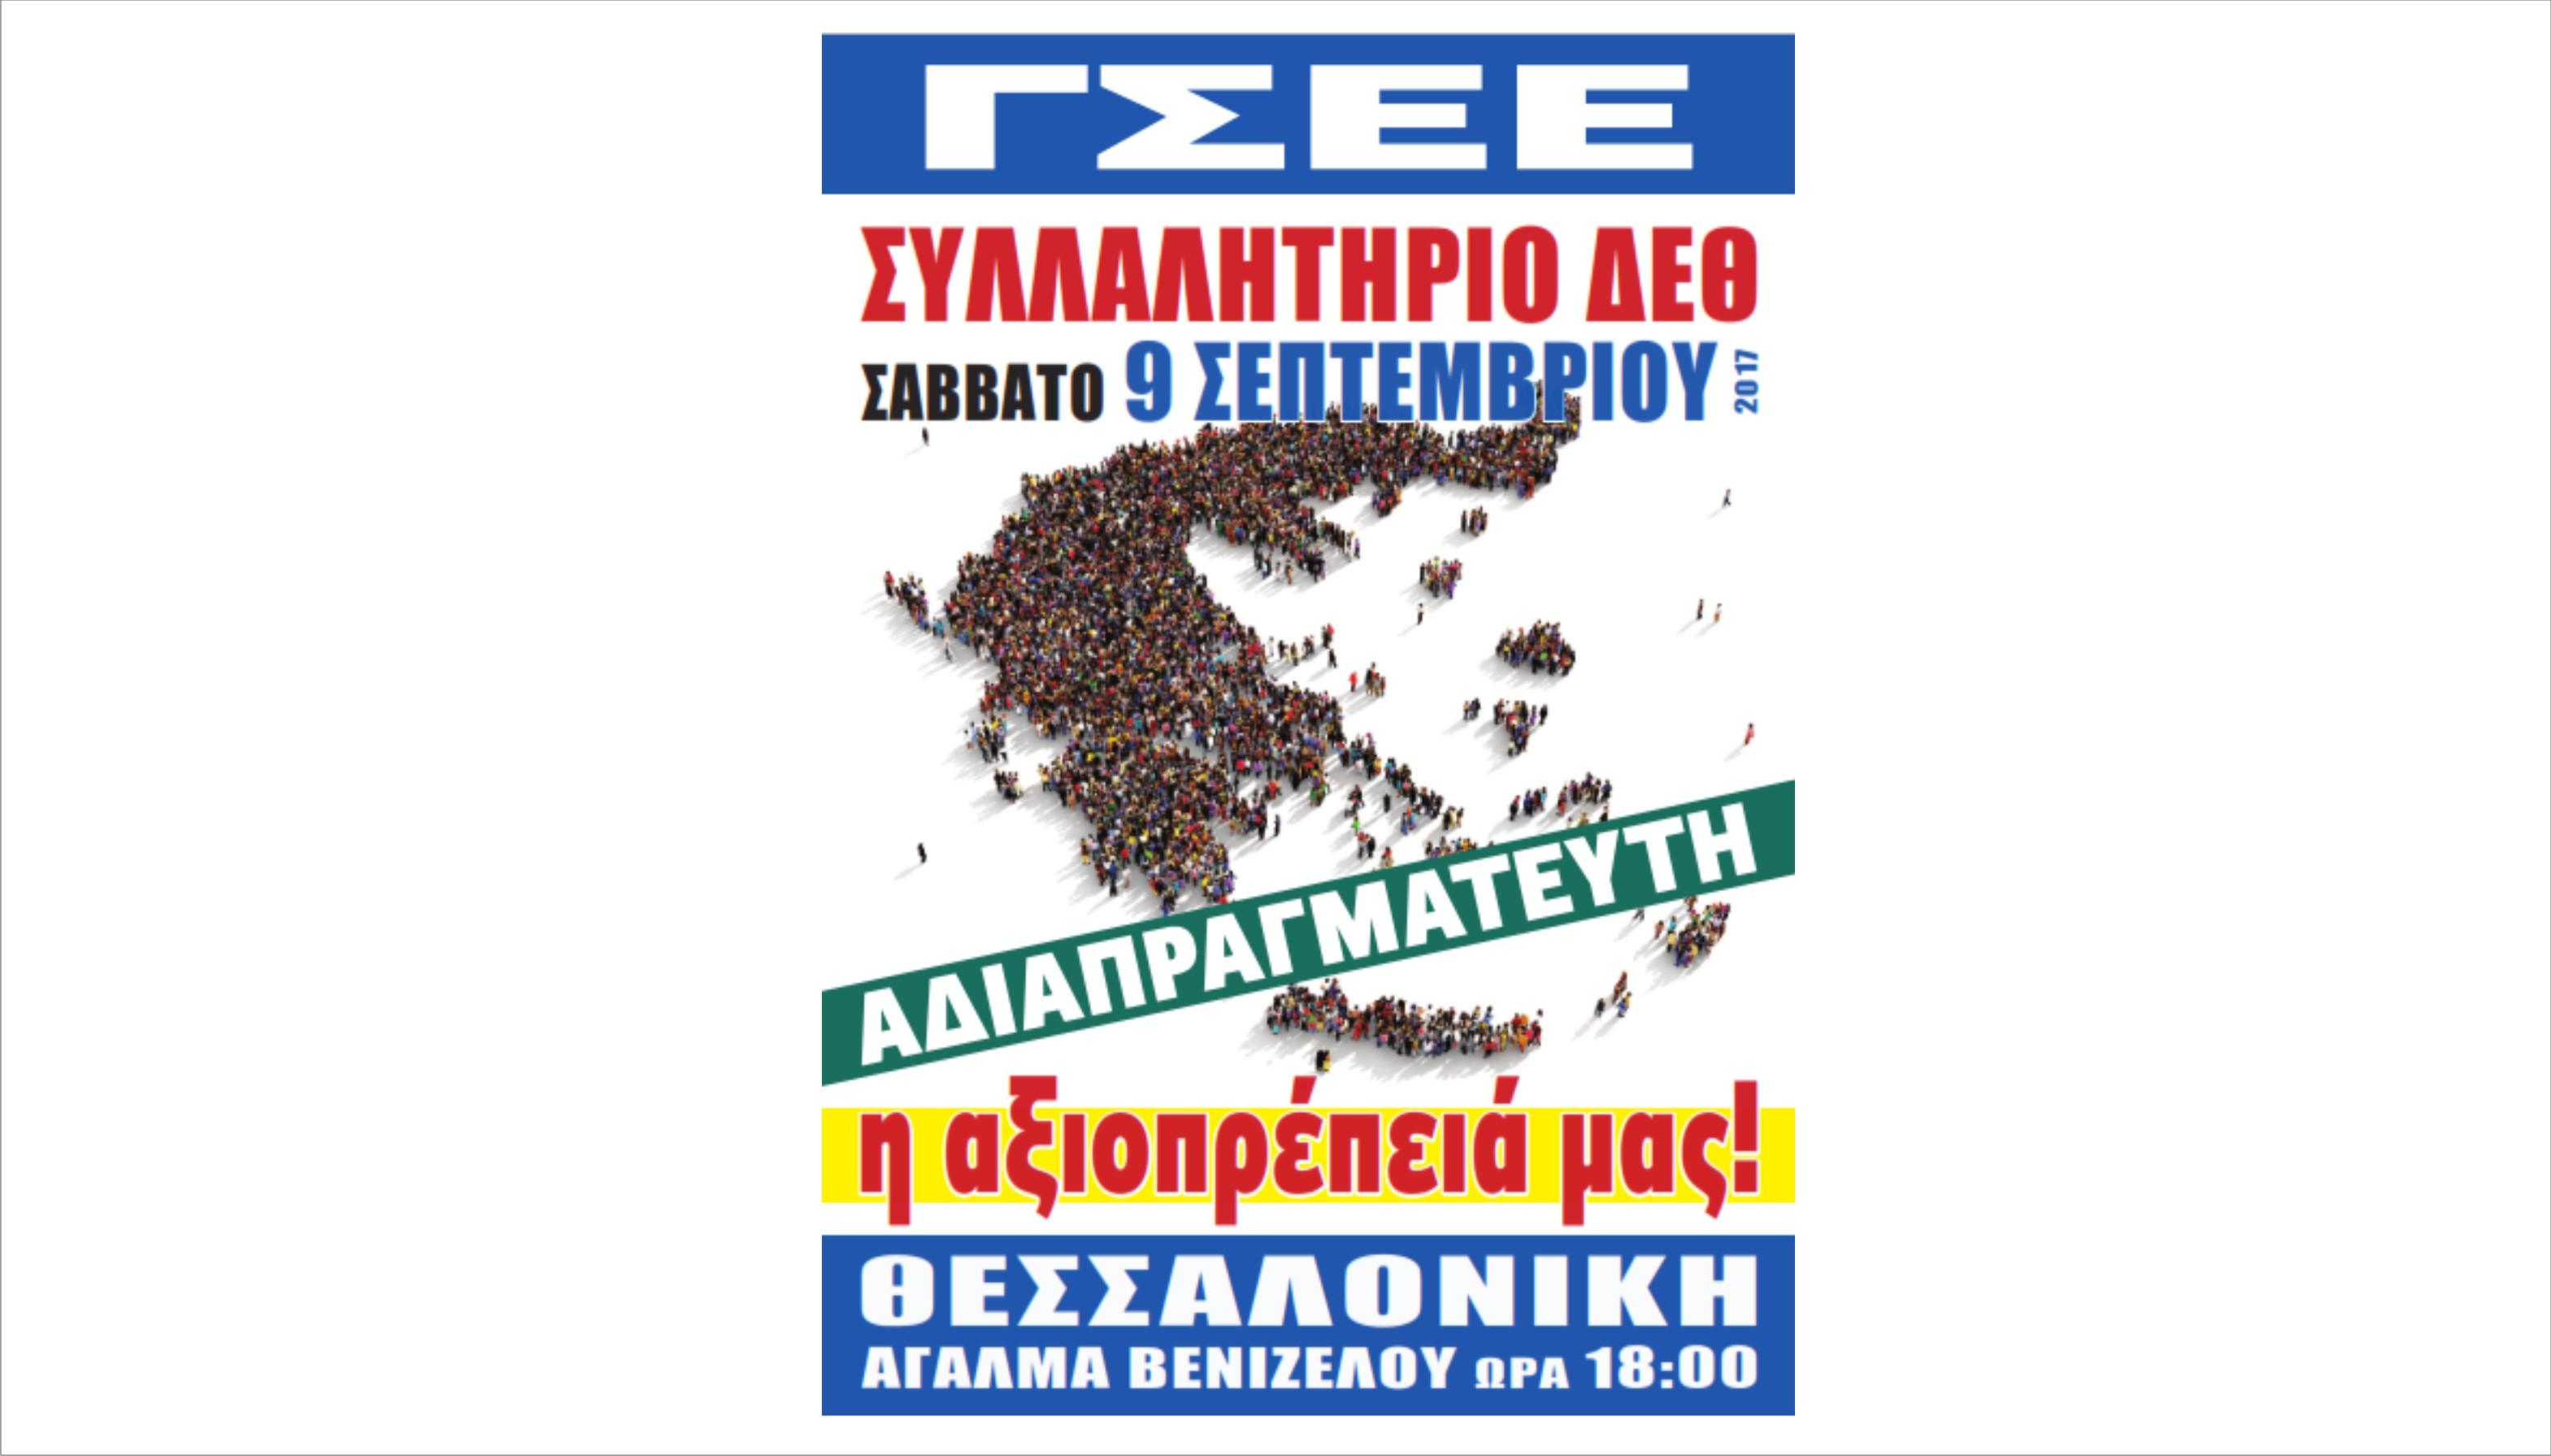 Διαδηλώνουμε και Διεκδικούμε  την ανατροπή των πολιτικών της ύφεσης και  την ακύρωση των σχεδίων εκποίησης του Εθνικού πλούτου